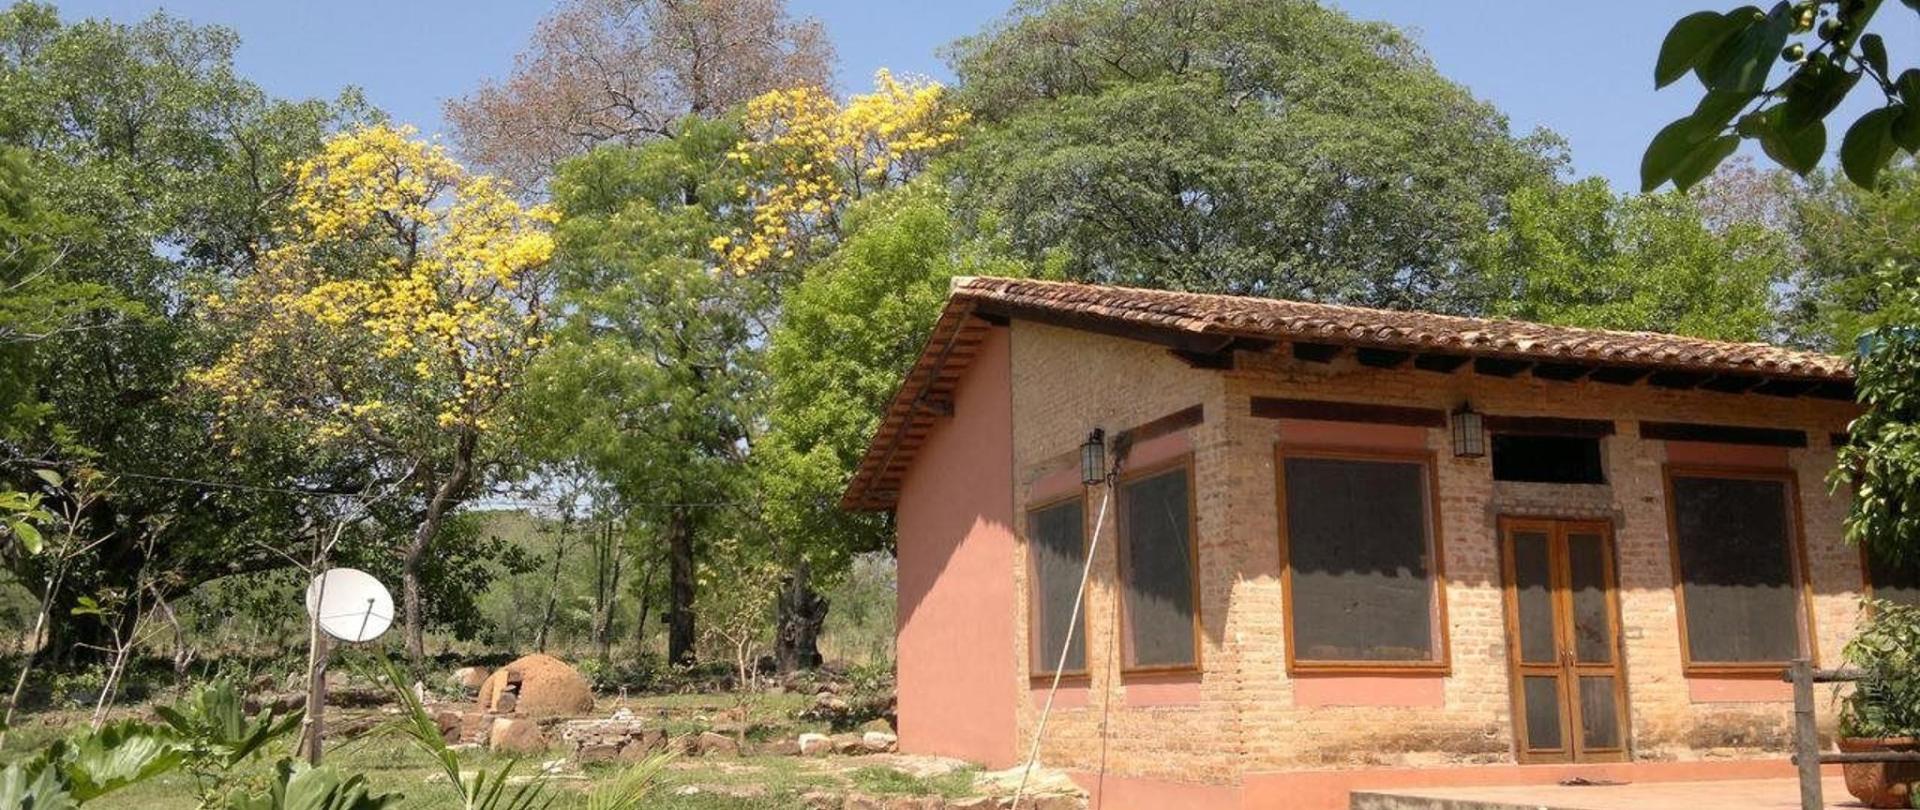 Puerto Naranjahai Official Site Lodges In Arroyos Y Esteros